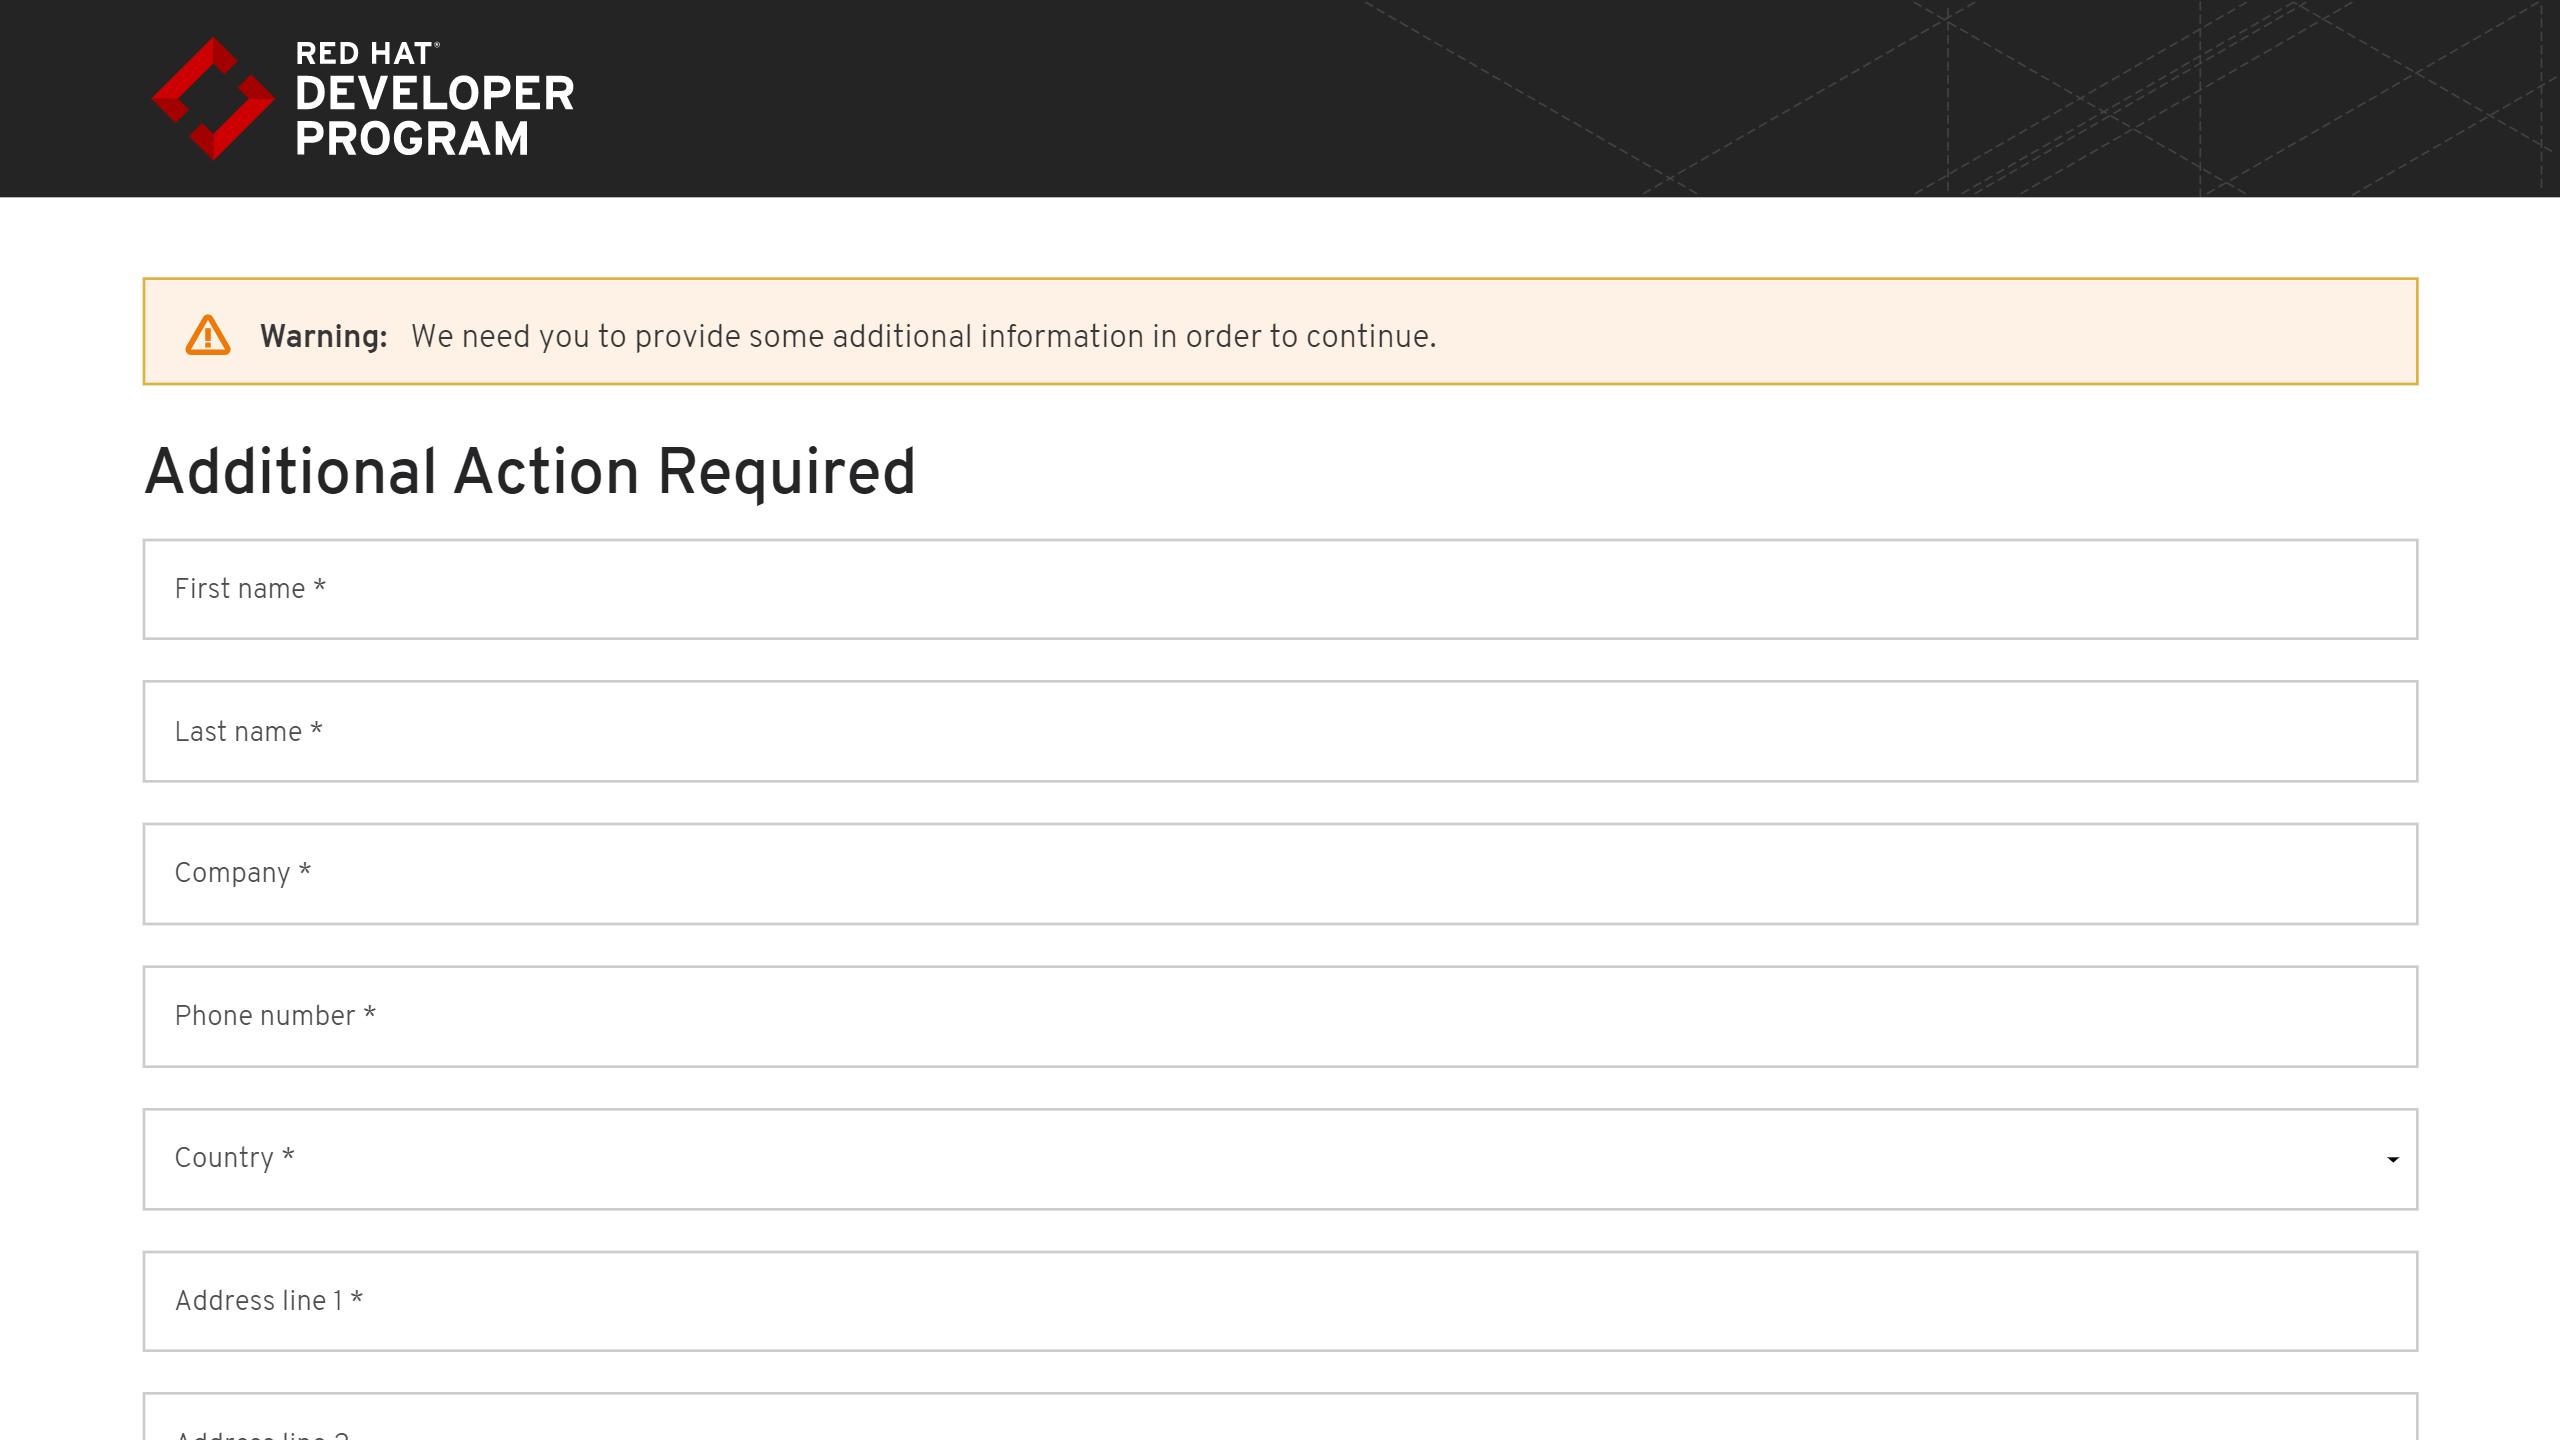 red-hat-developer-program-downloads-additional-action